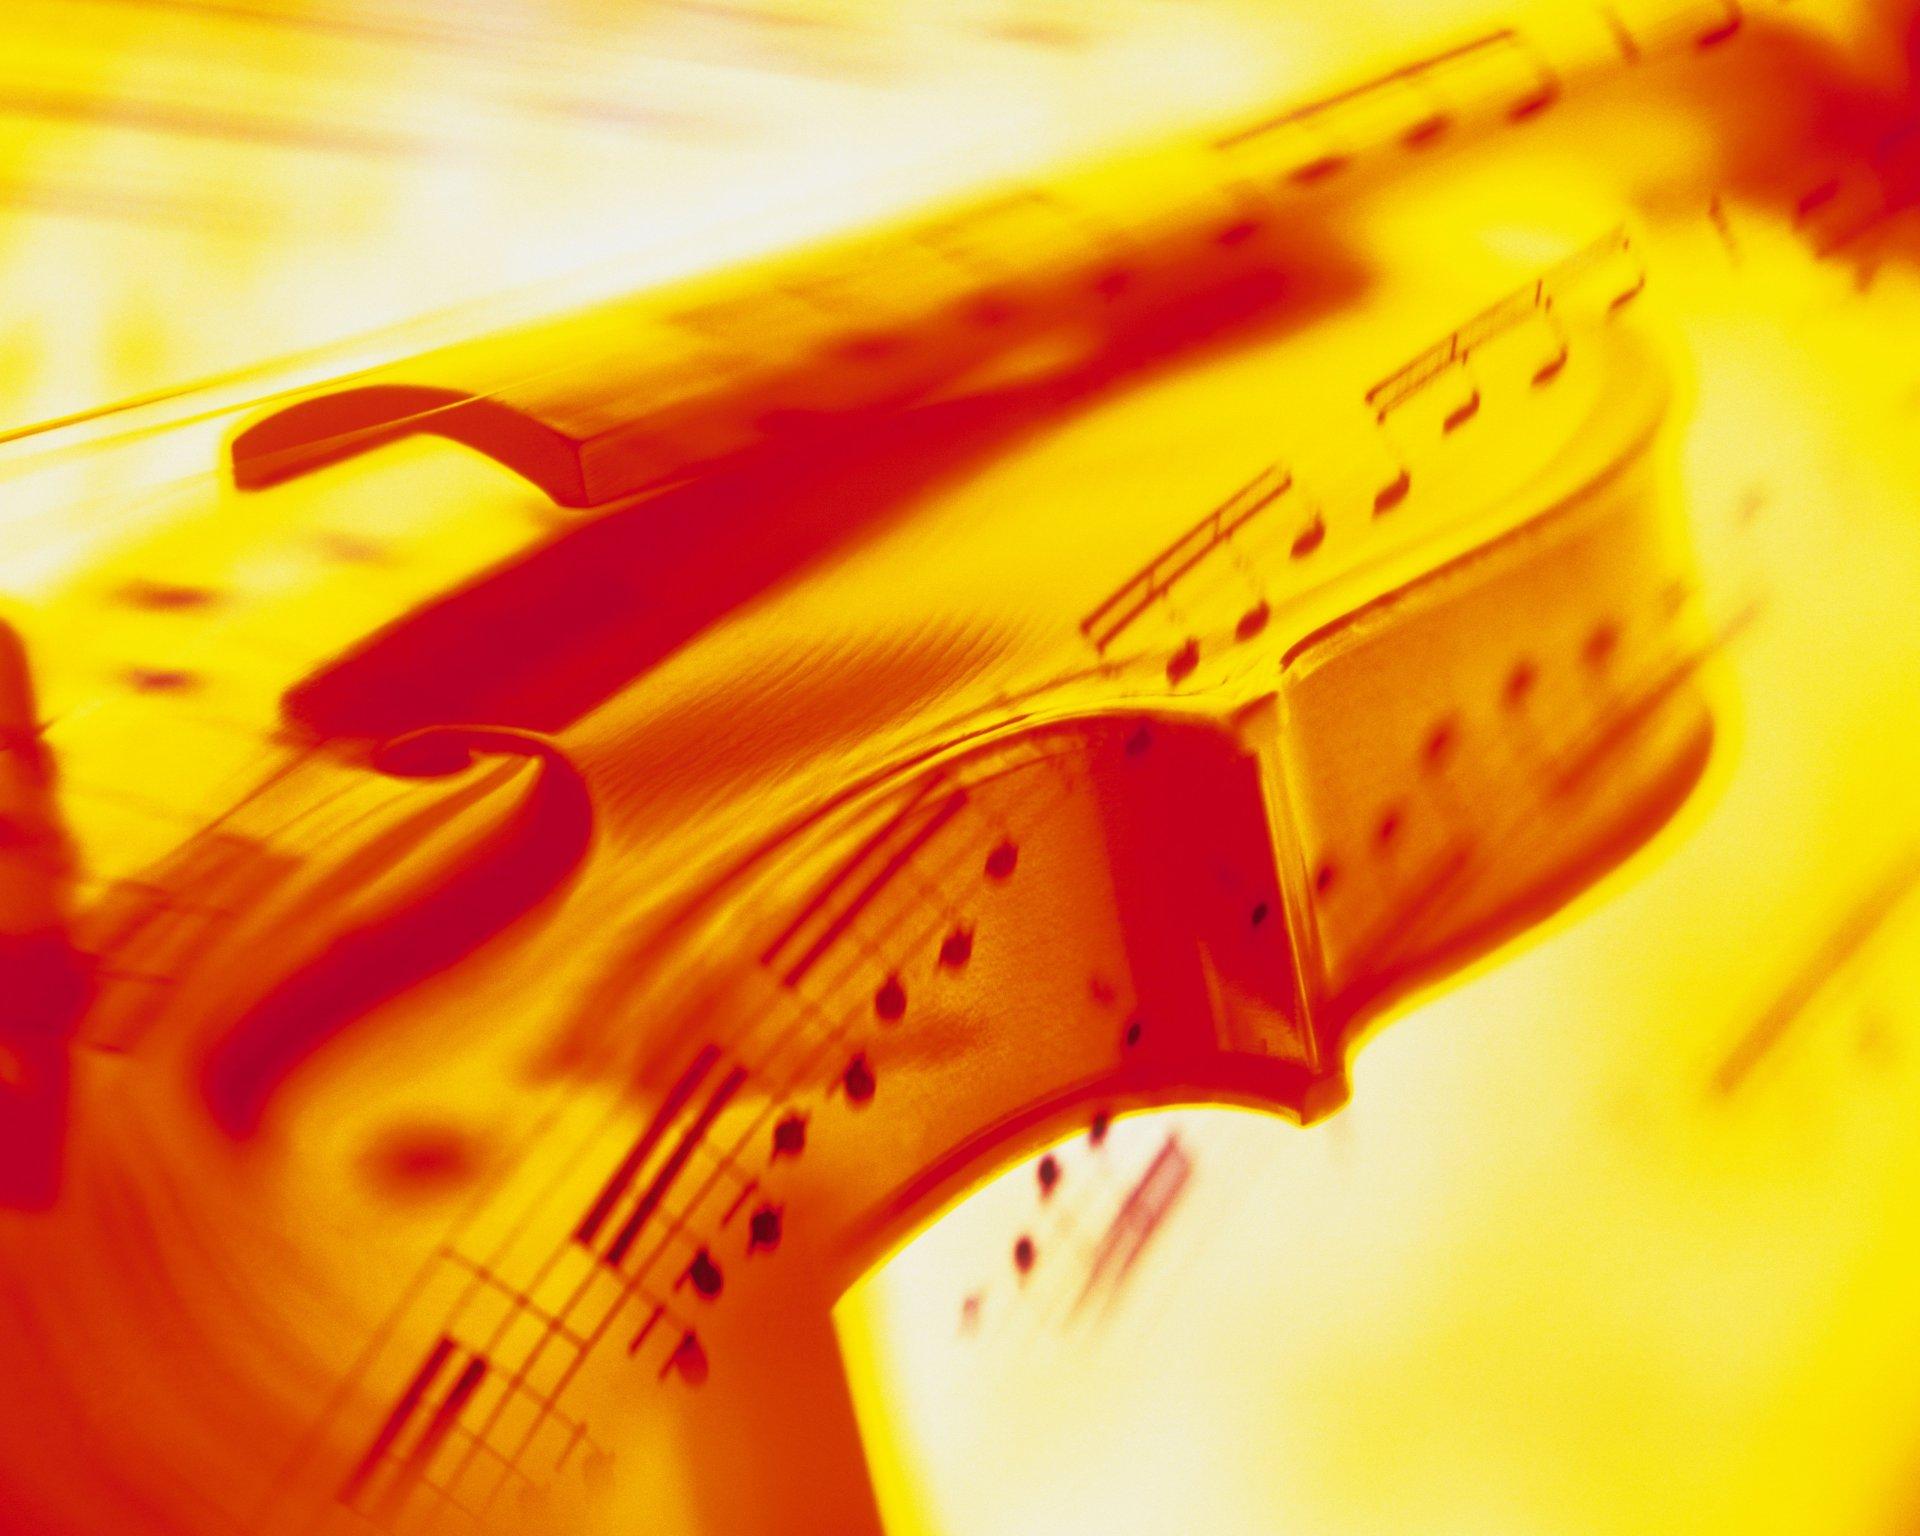 Красивые картинки с музыкальными инструментами на фоне, для девушки